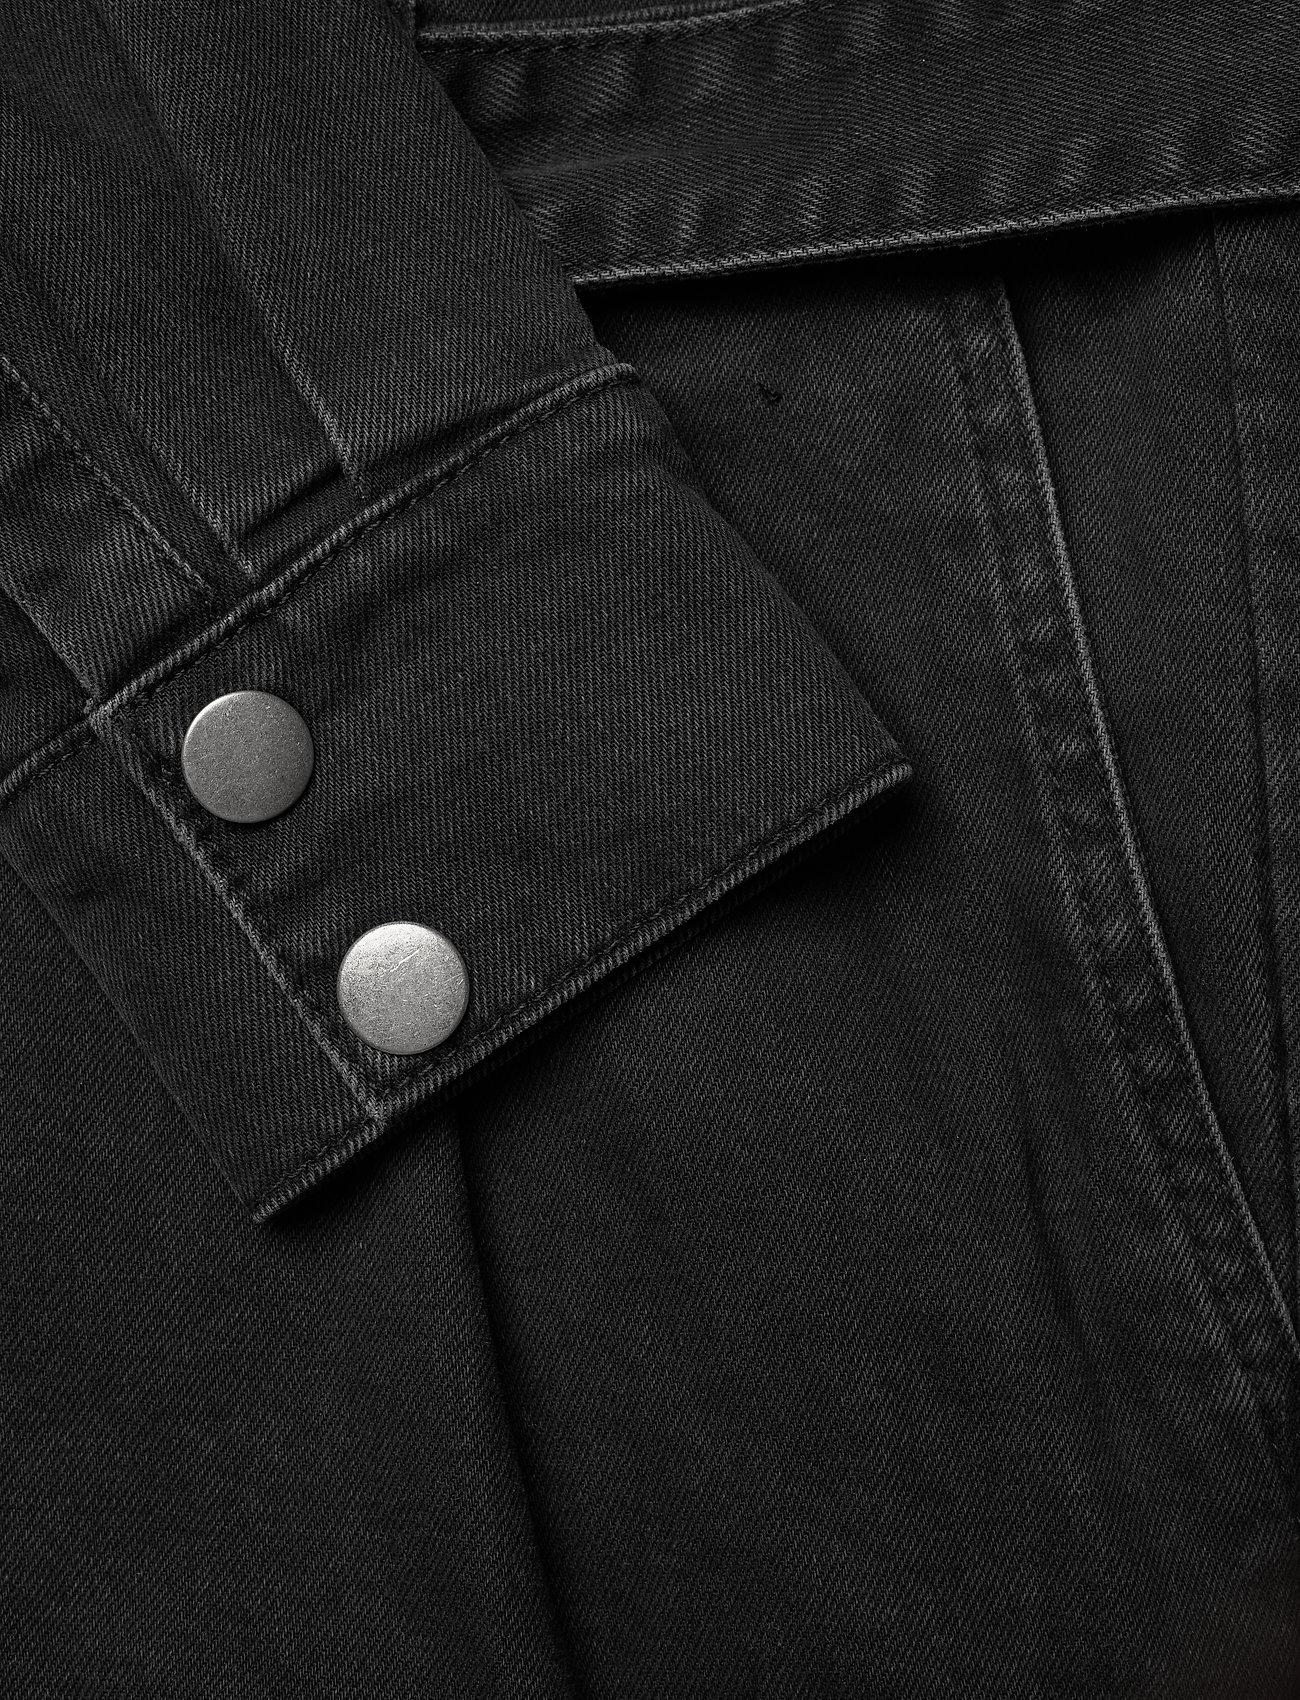 Gestuz - SofyGZ jumpsuit MA20 - clothing - washed black - 3